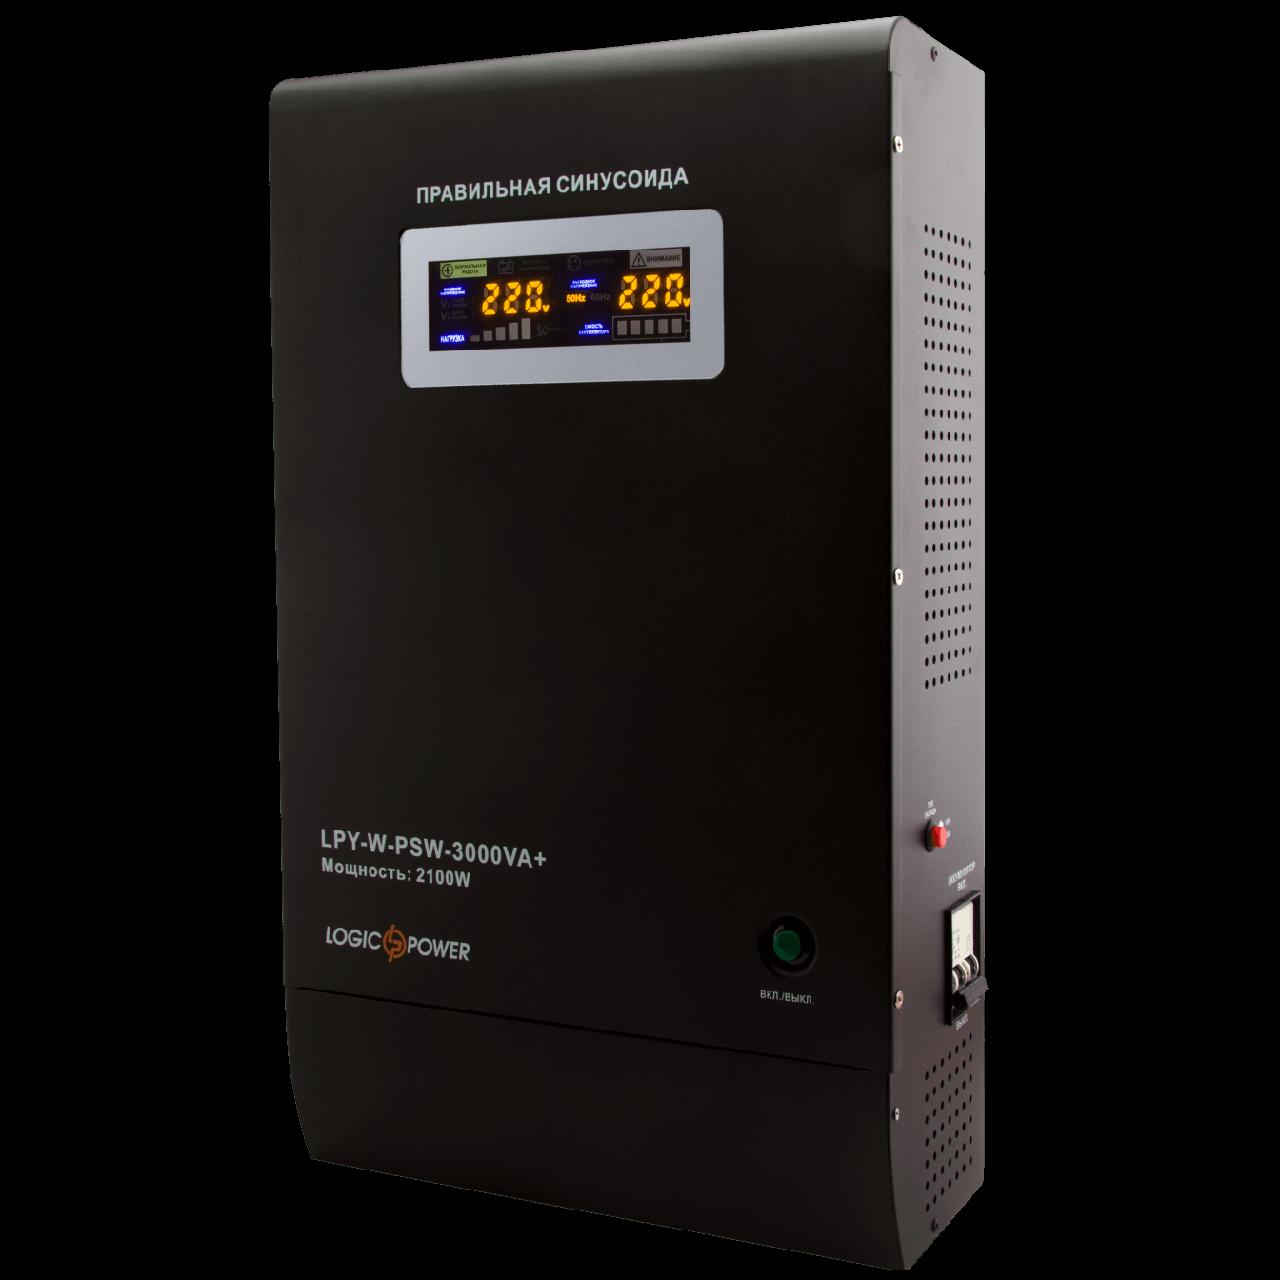 Источник бесперебойного питания Logicpower LPY-W-PSW-3000VA+